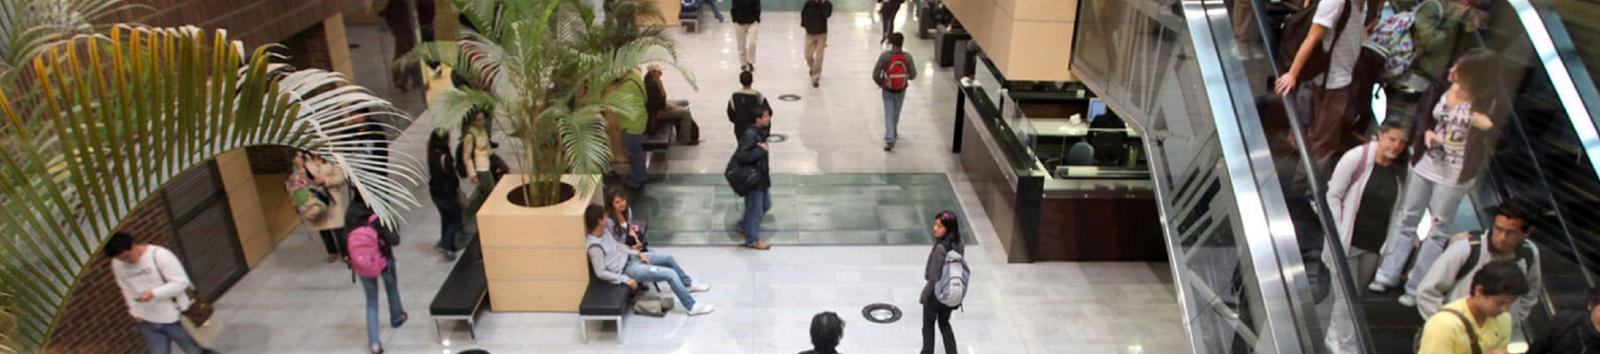 Admisiones y registro Universidad de los Andes